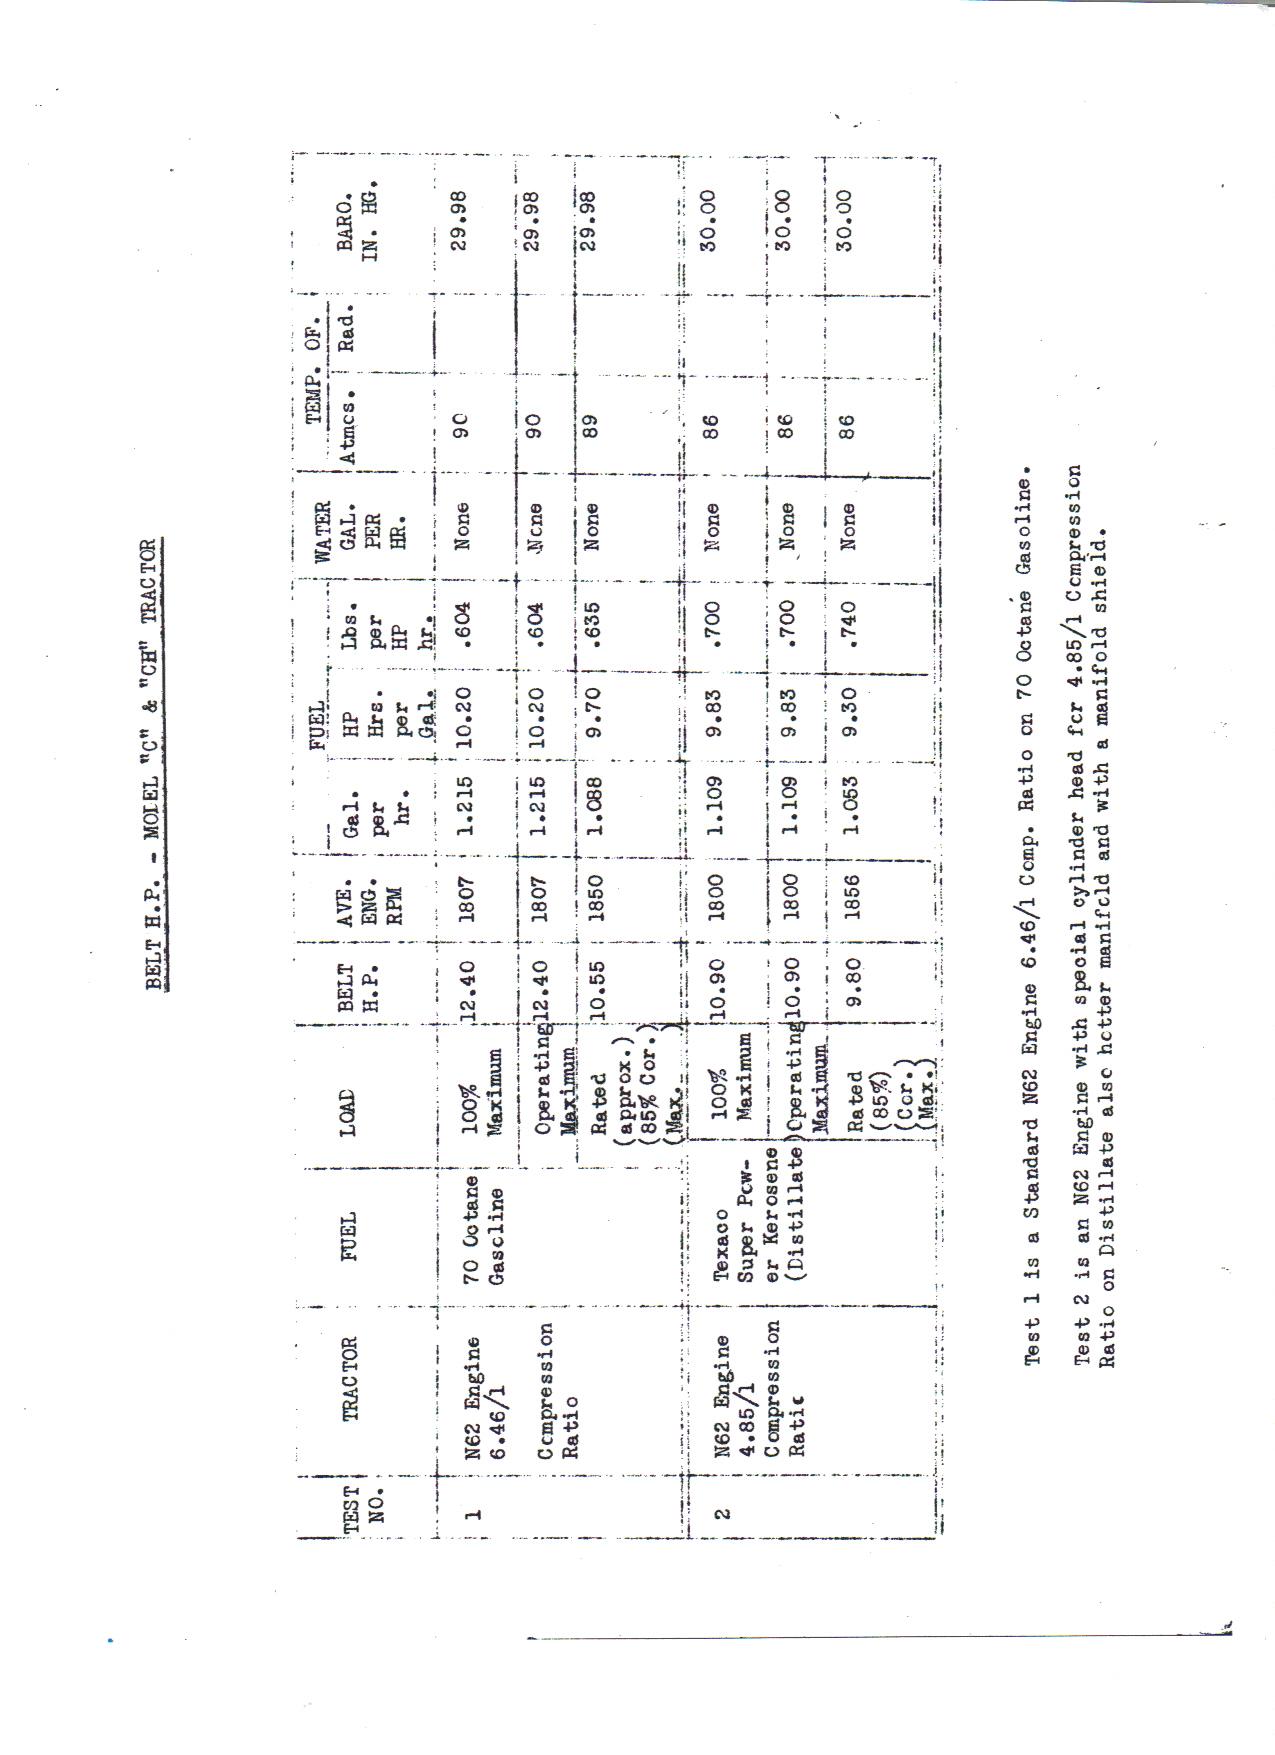 Brake Cross Reference | Wiring Diagram Database